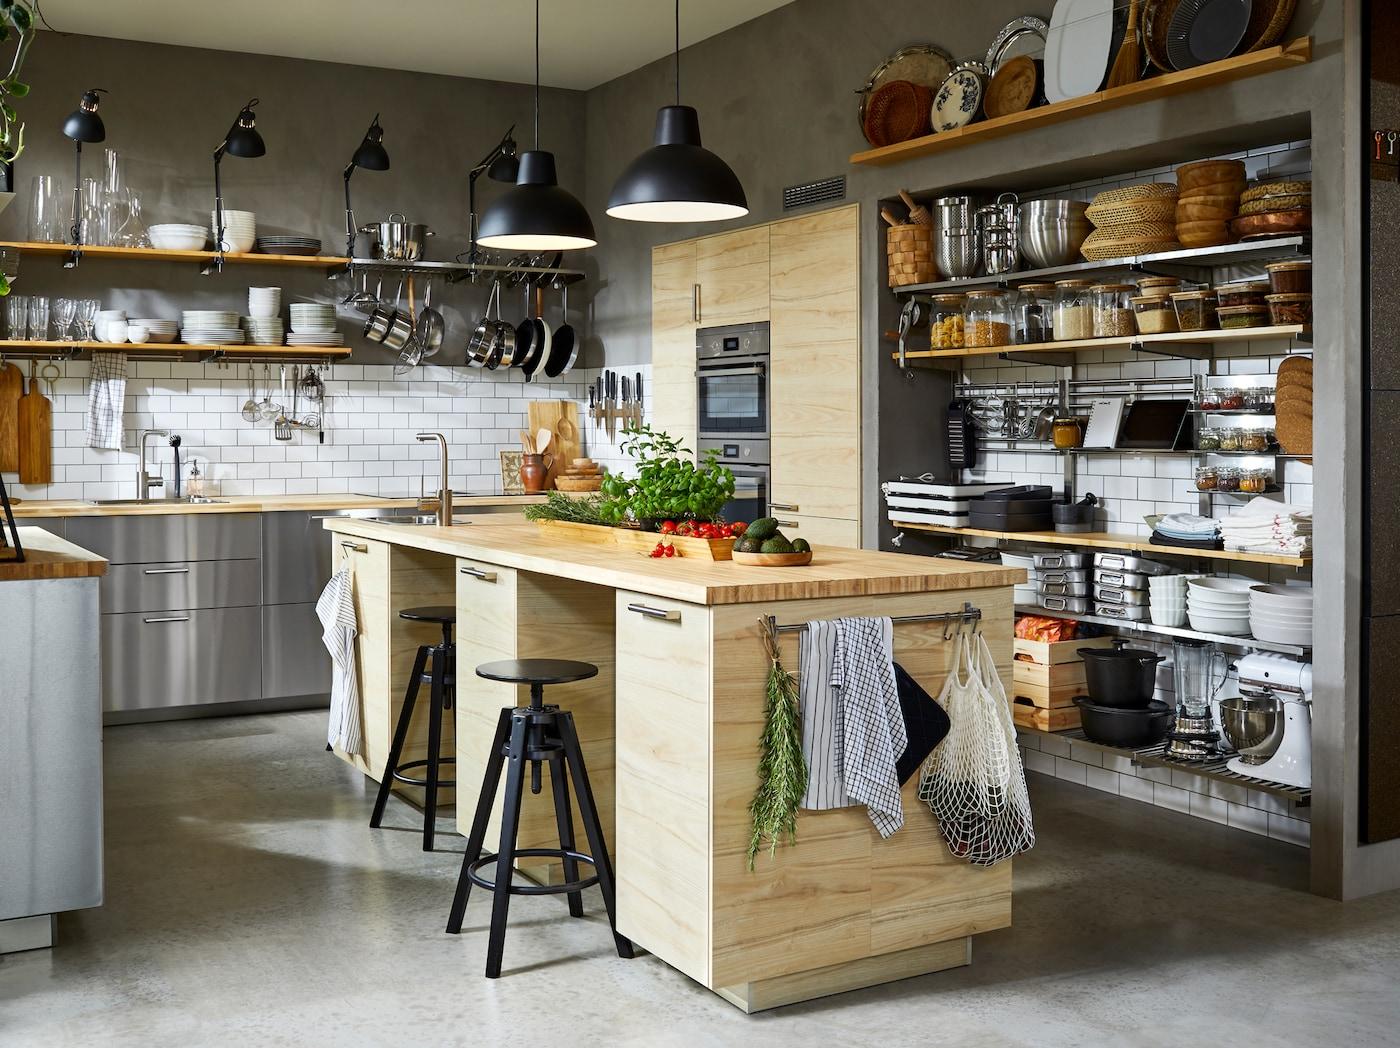 ステンレススチールのフロントのキッチン、2つのブラックペンダントランプ、ゆったりとしたアイランドキッチンに置かれた2脚のブラックバースツール。